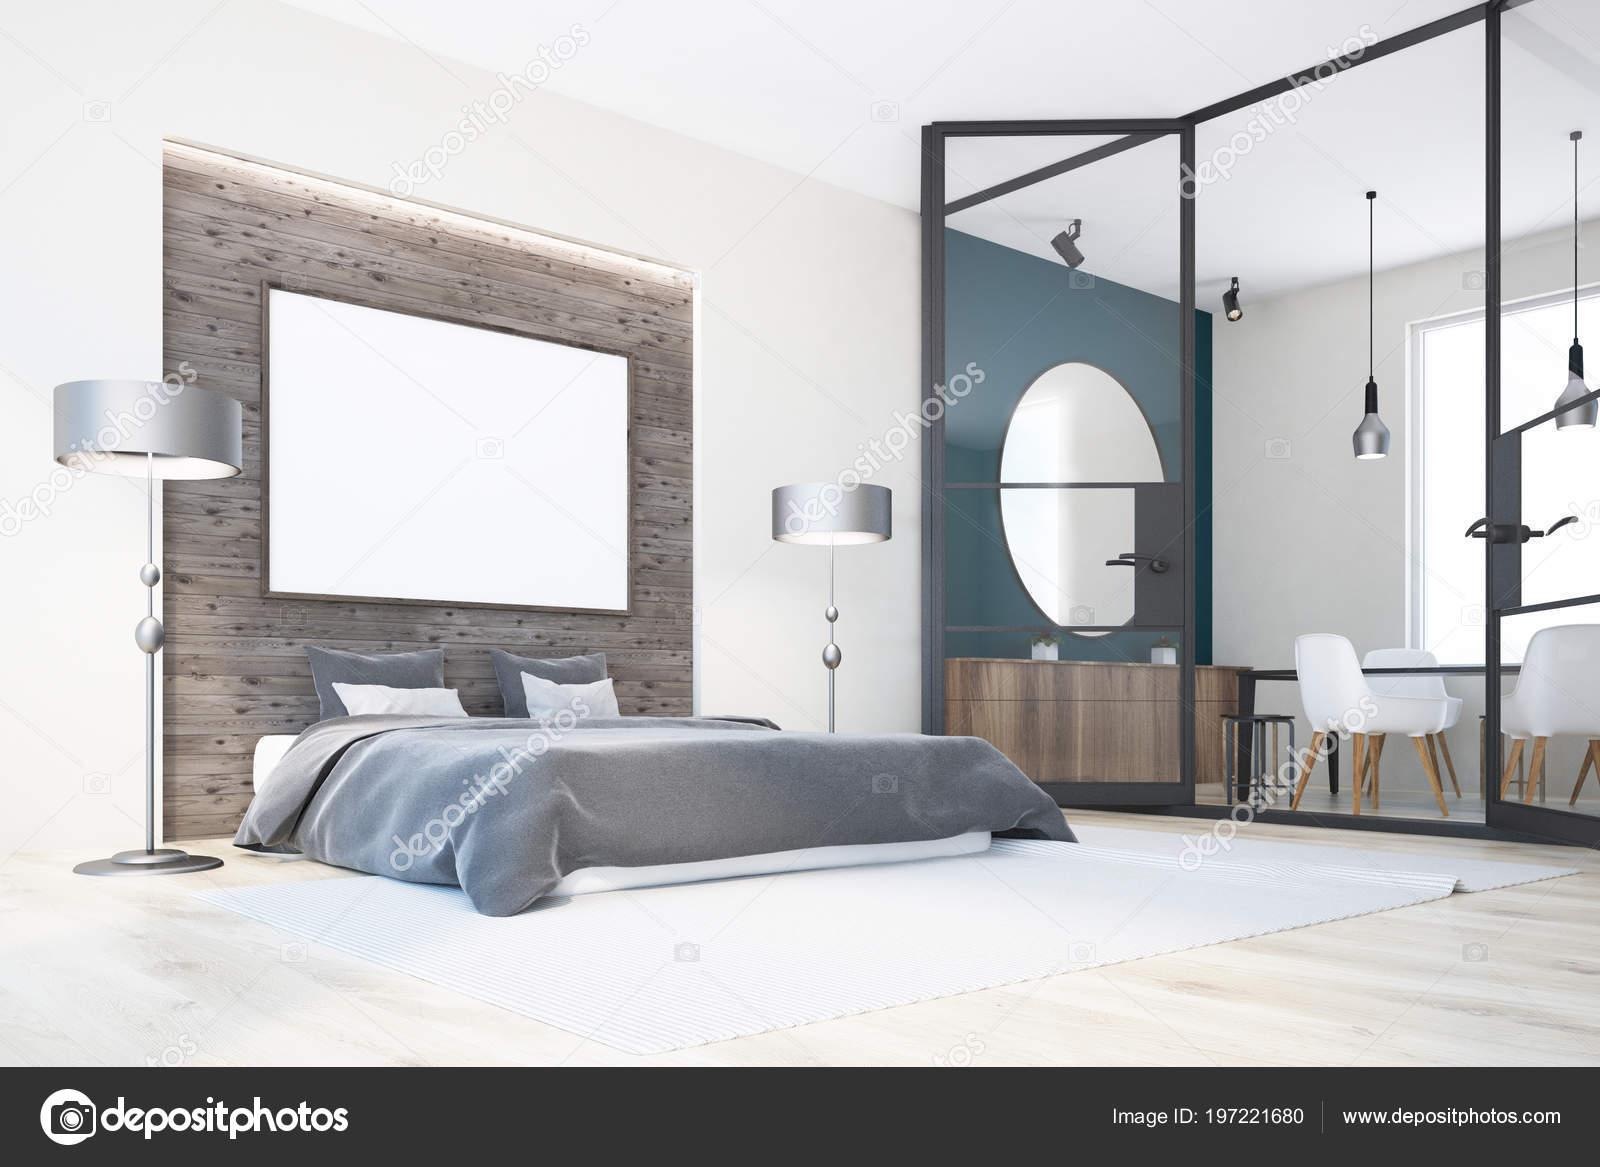 Houten Vloer Slaapkamer : Witte houten slaapkamer interieur met een houten vloer panoramische